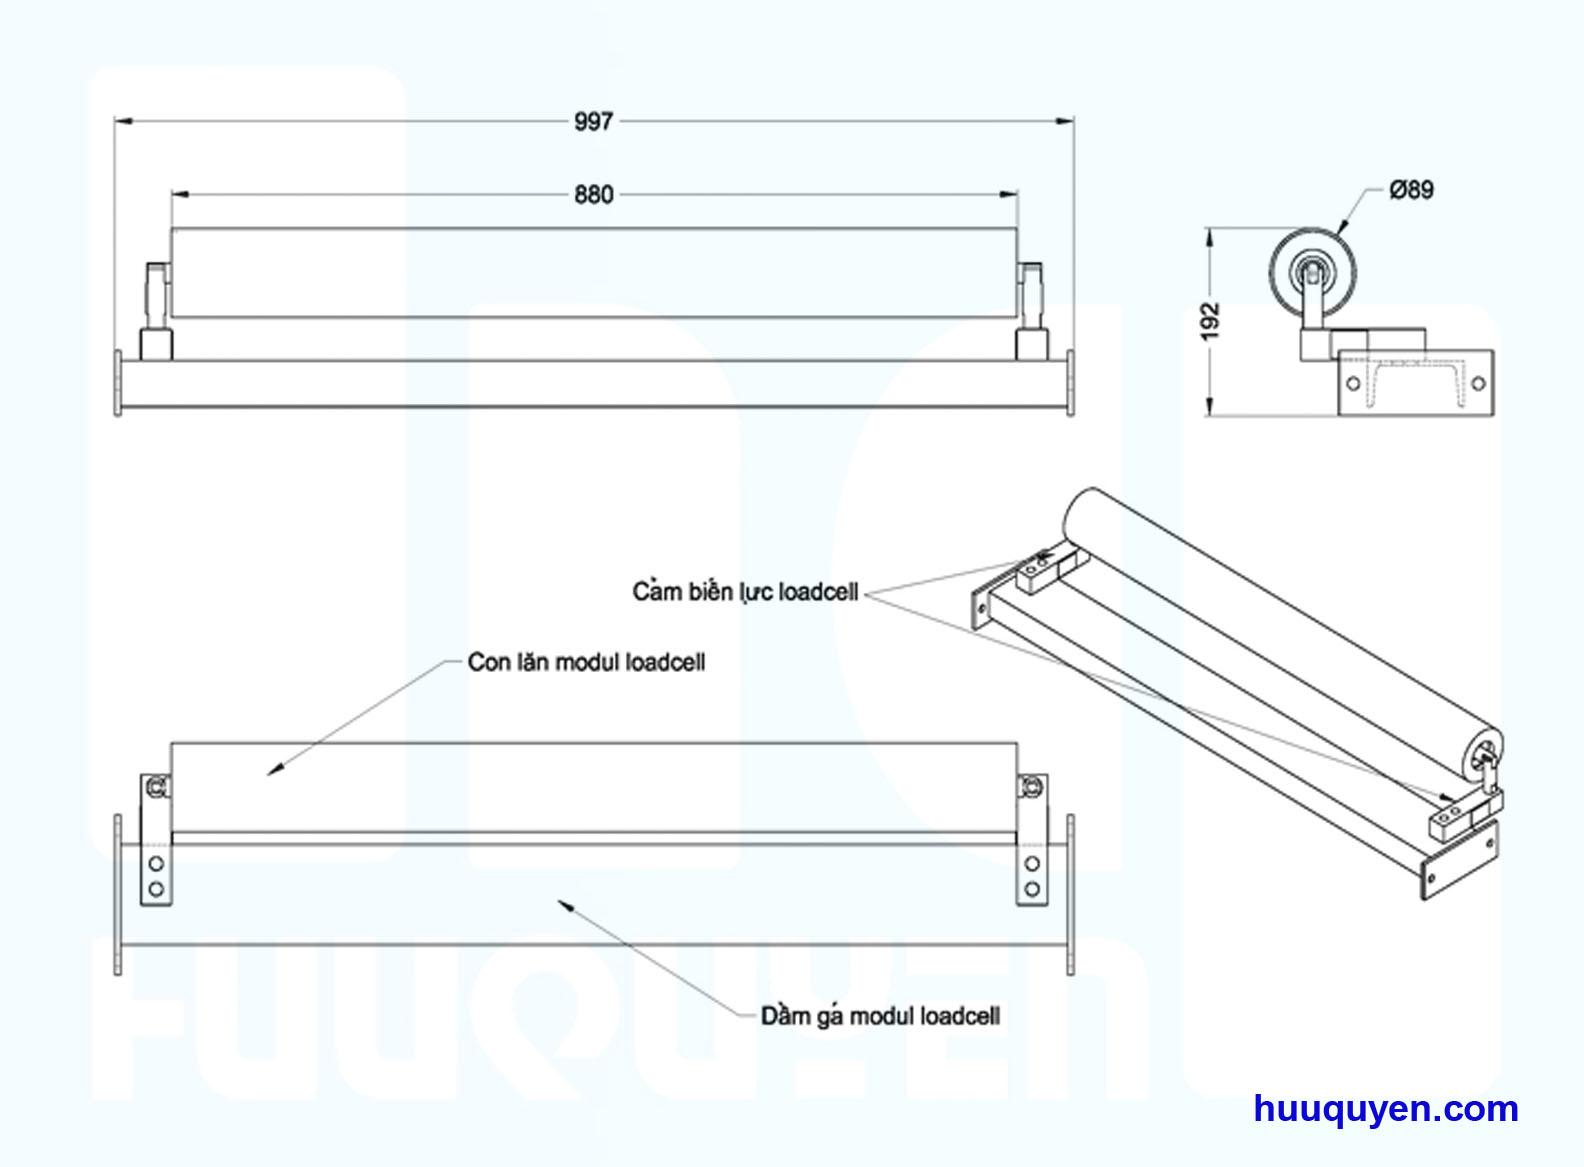 Modul cảm biến lực chuyên dùng cho cân định lượng trên băng tải